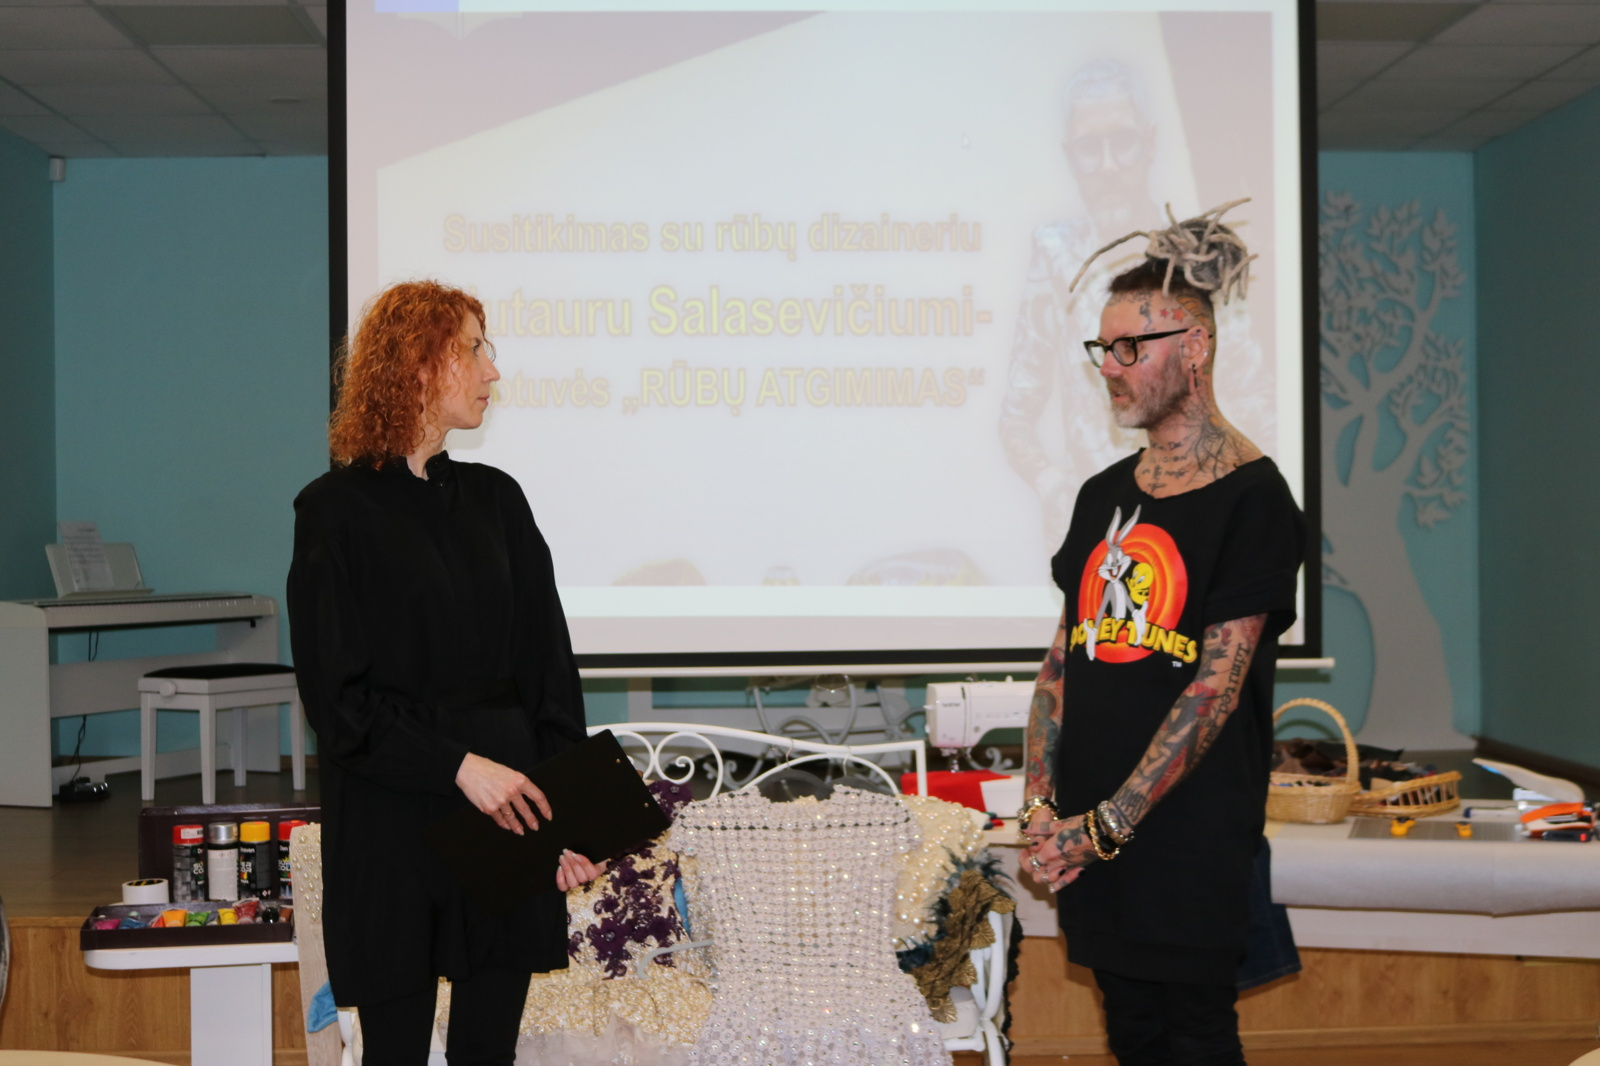 Radviliškiečių susitikimas su rūbų dizaineriu Liutauru Salasevičiumi